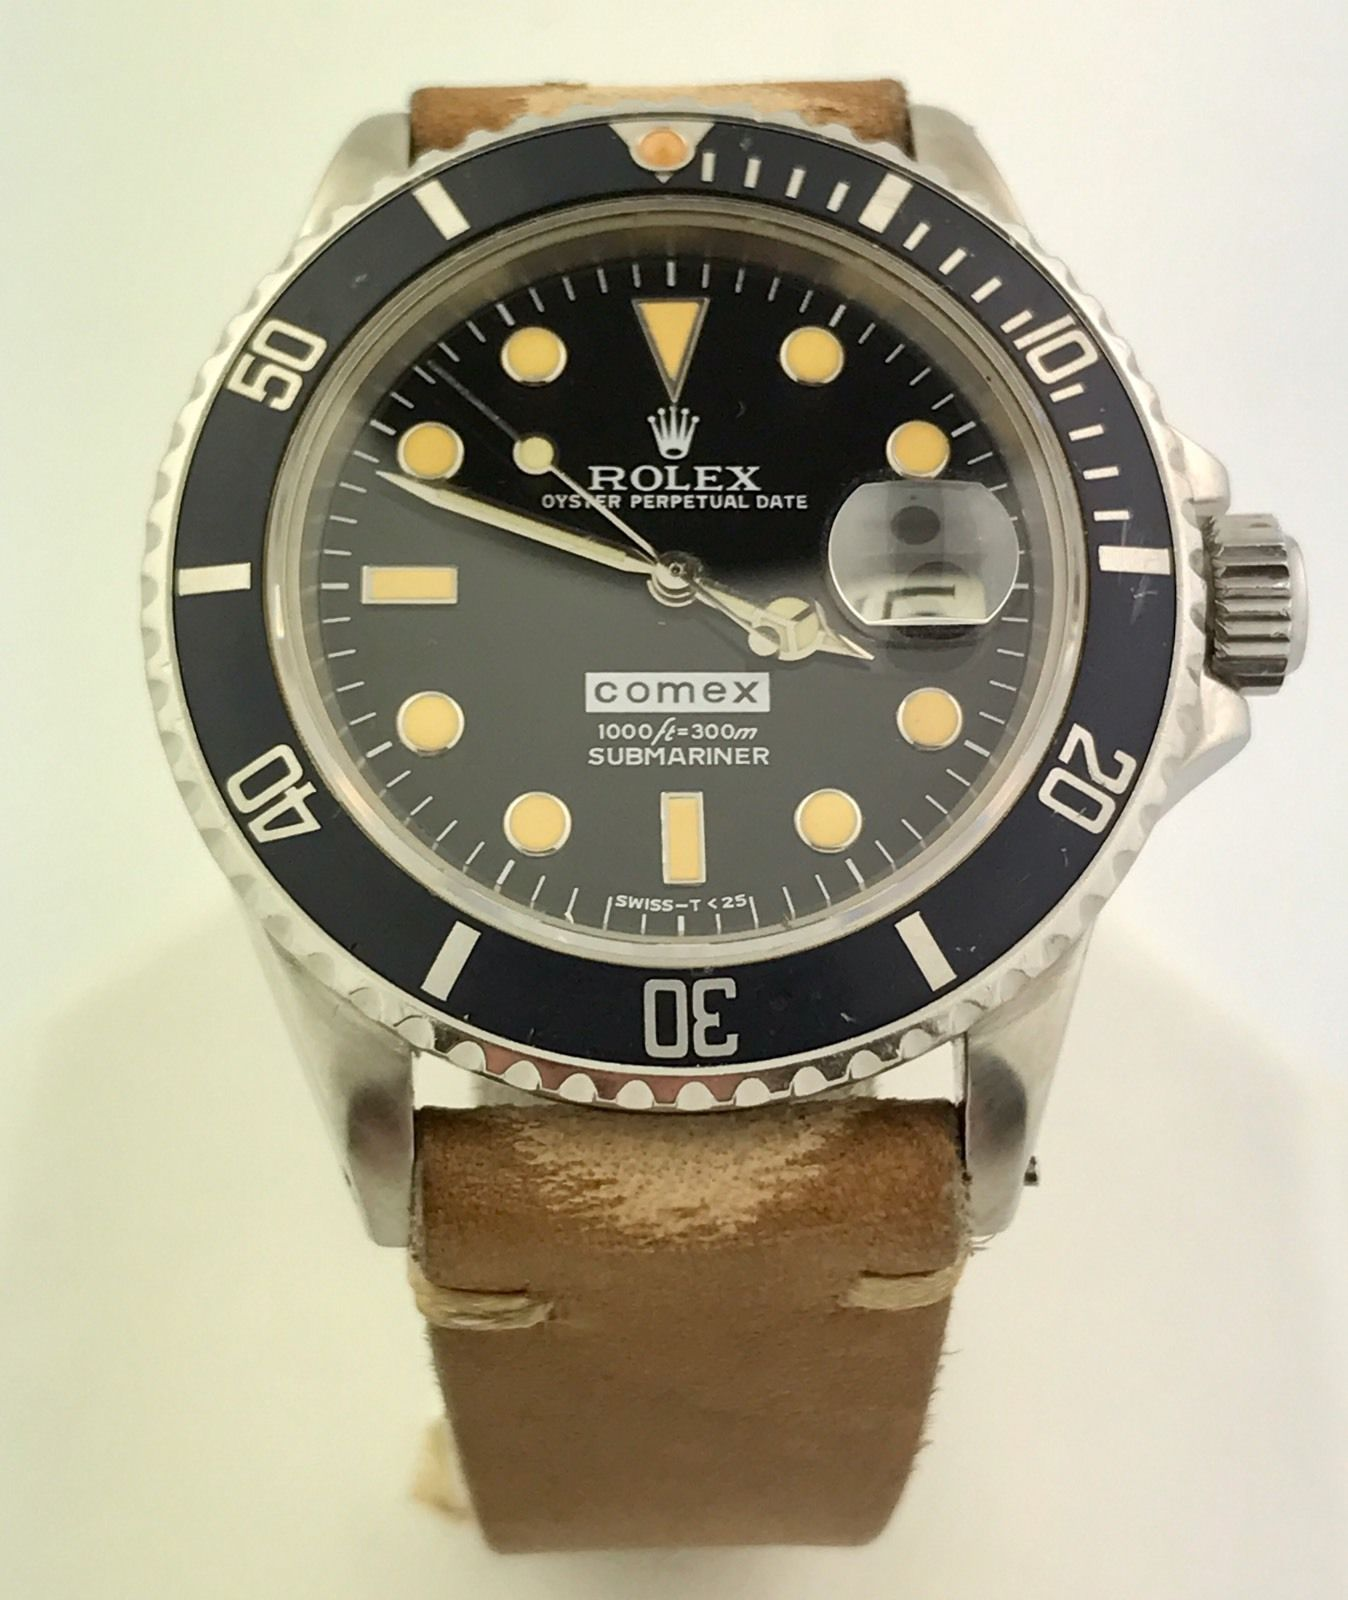 s l1600 - Rolex Submariner